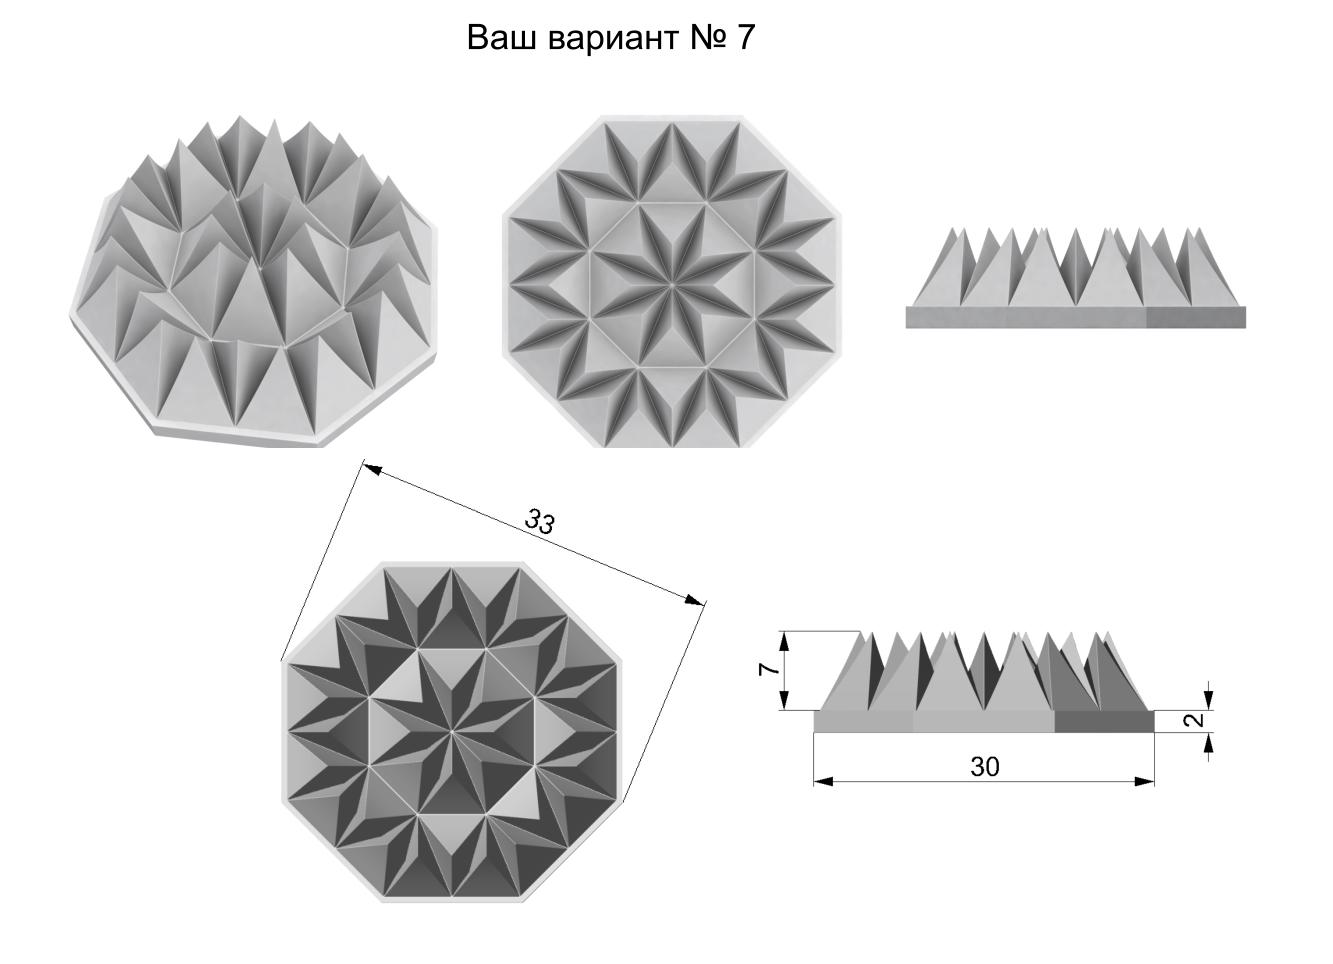 Сделать 3D модель массажного элемента формат STP/UG фото f_5855d2b37e62e6ba.jpg